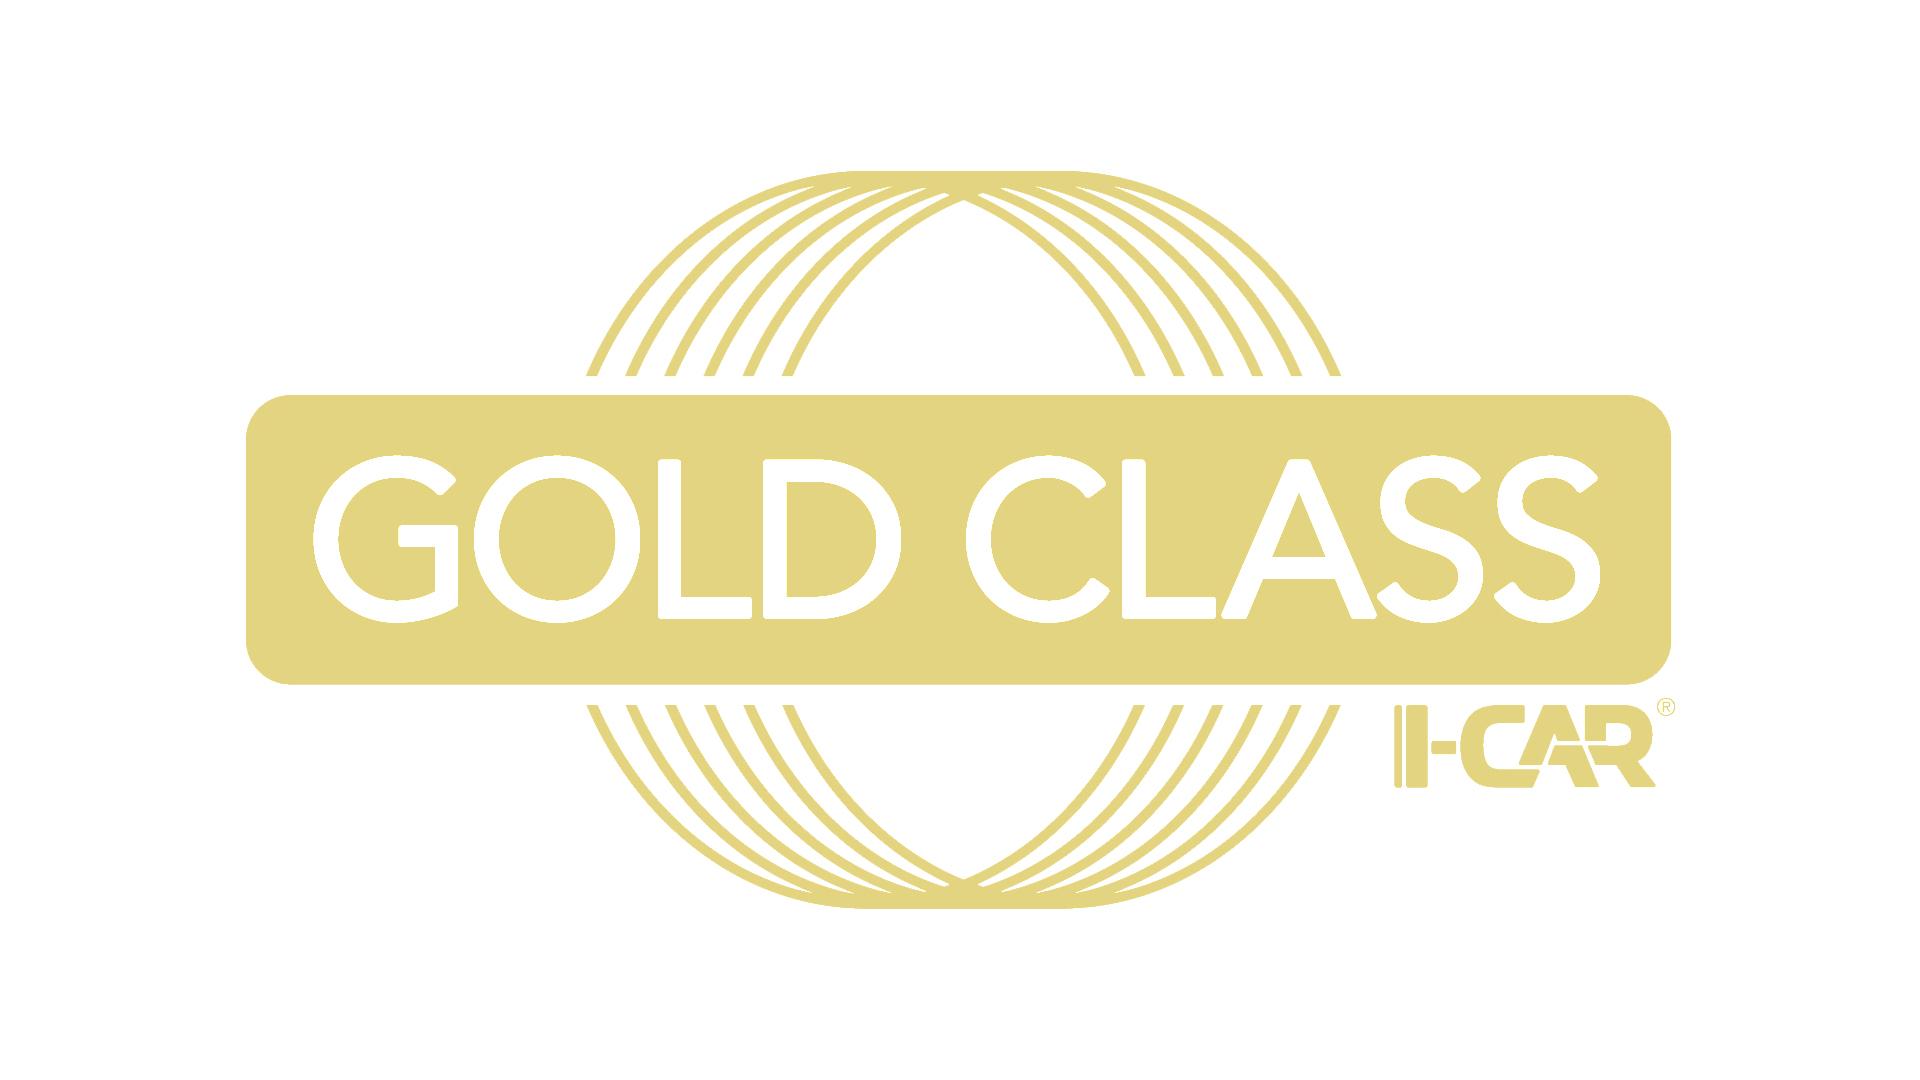 goldclass.jpg